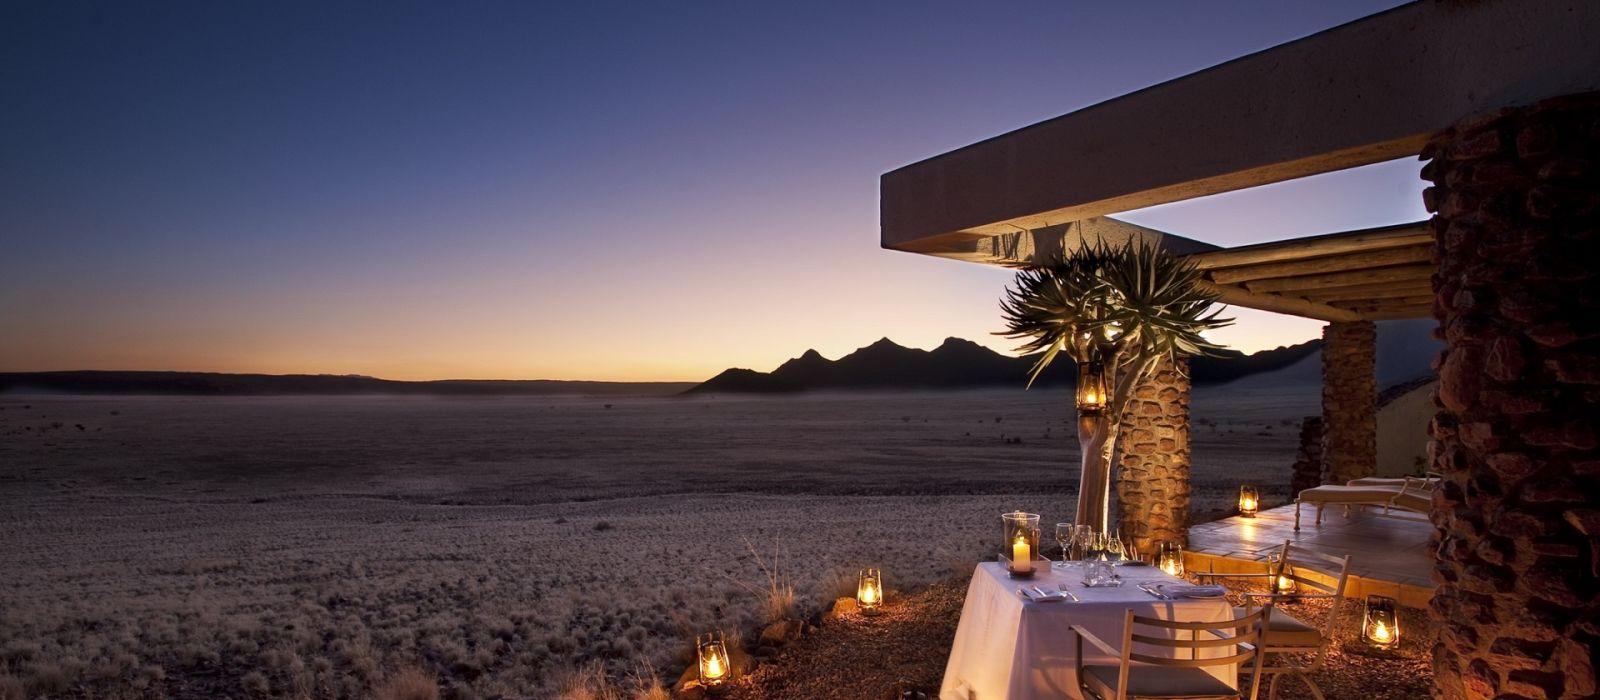 Die verborgenen Schätze in Namibias Norden Urlaub 1